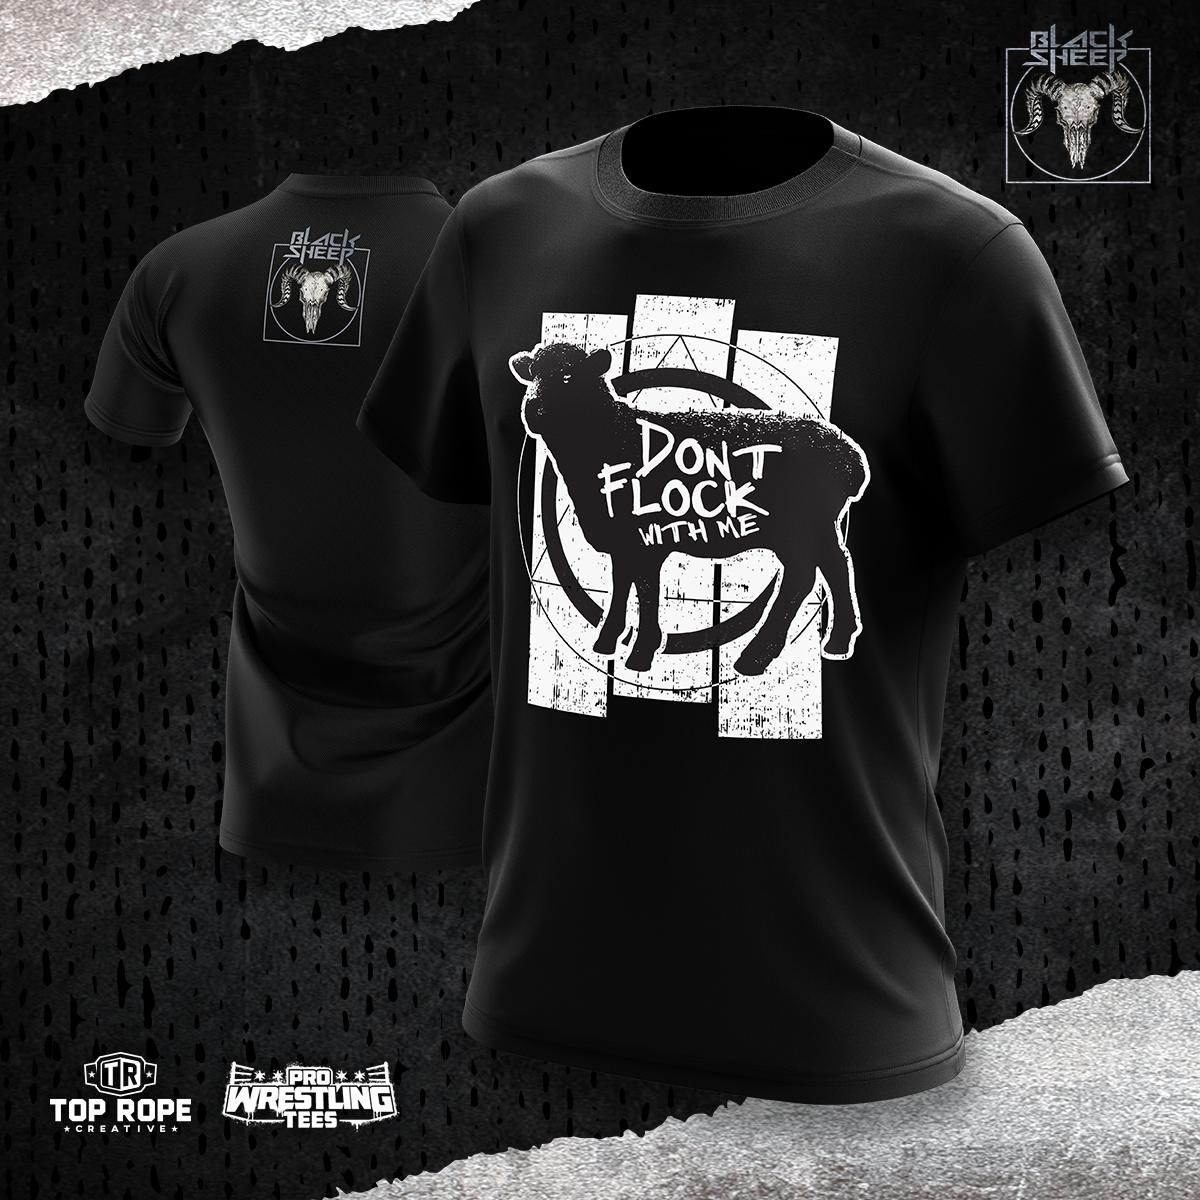 shirt-promo-v2.png